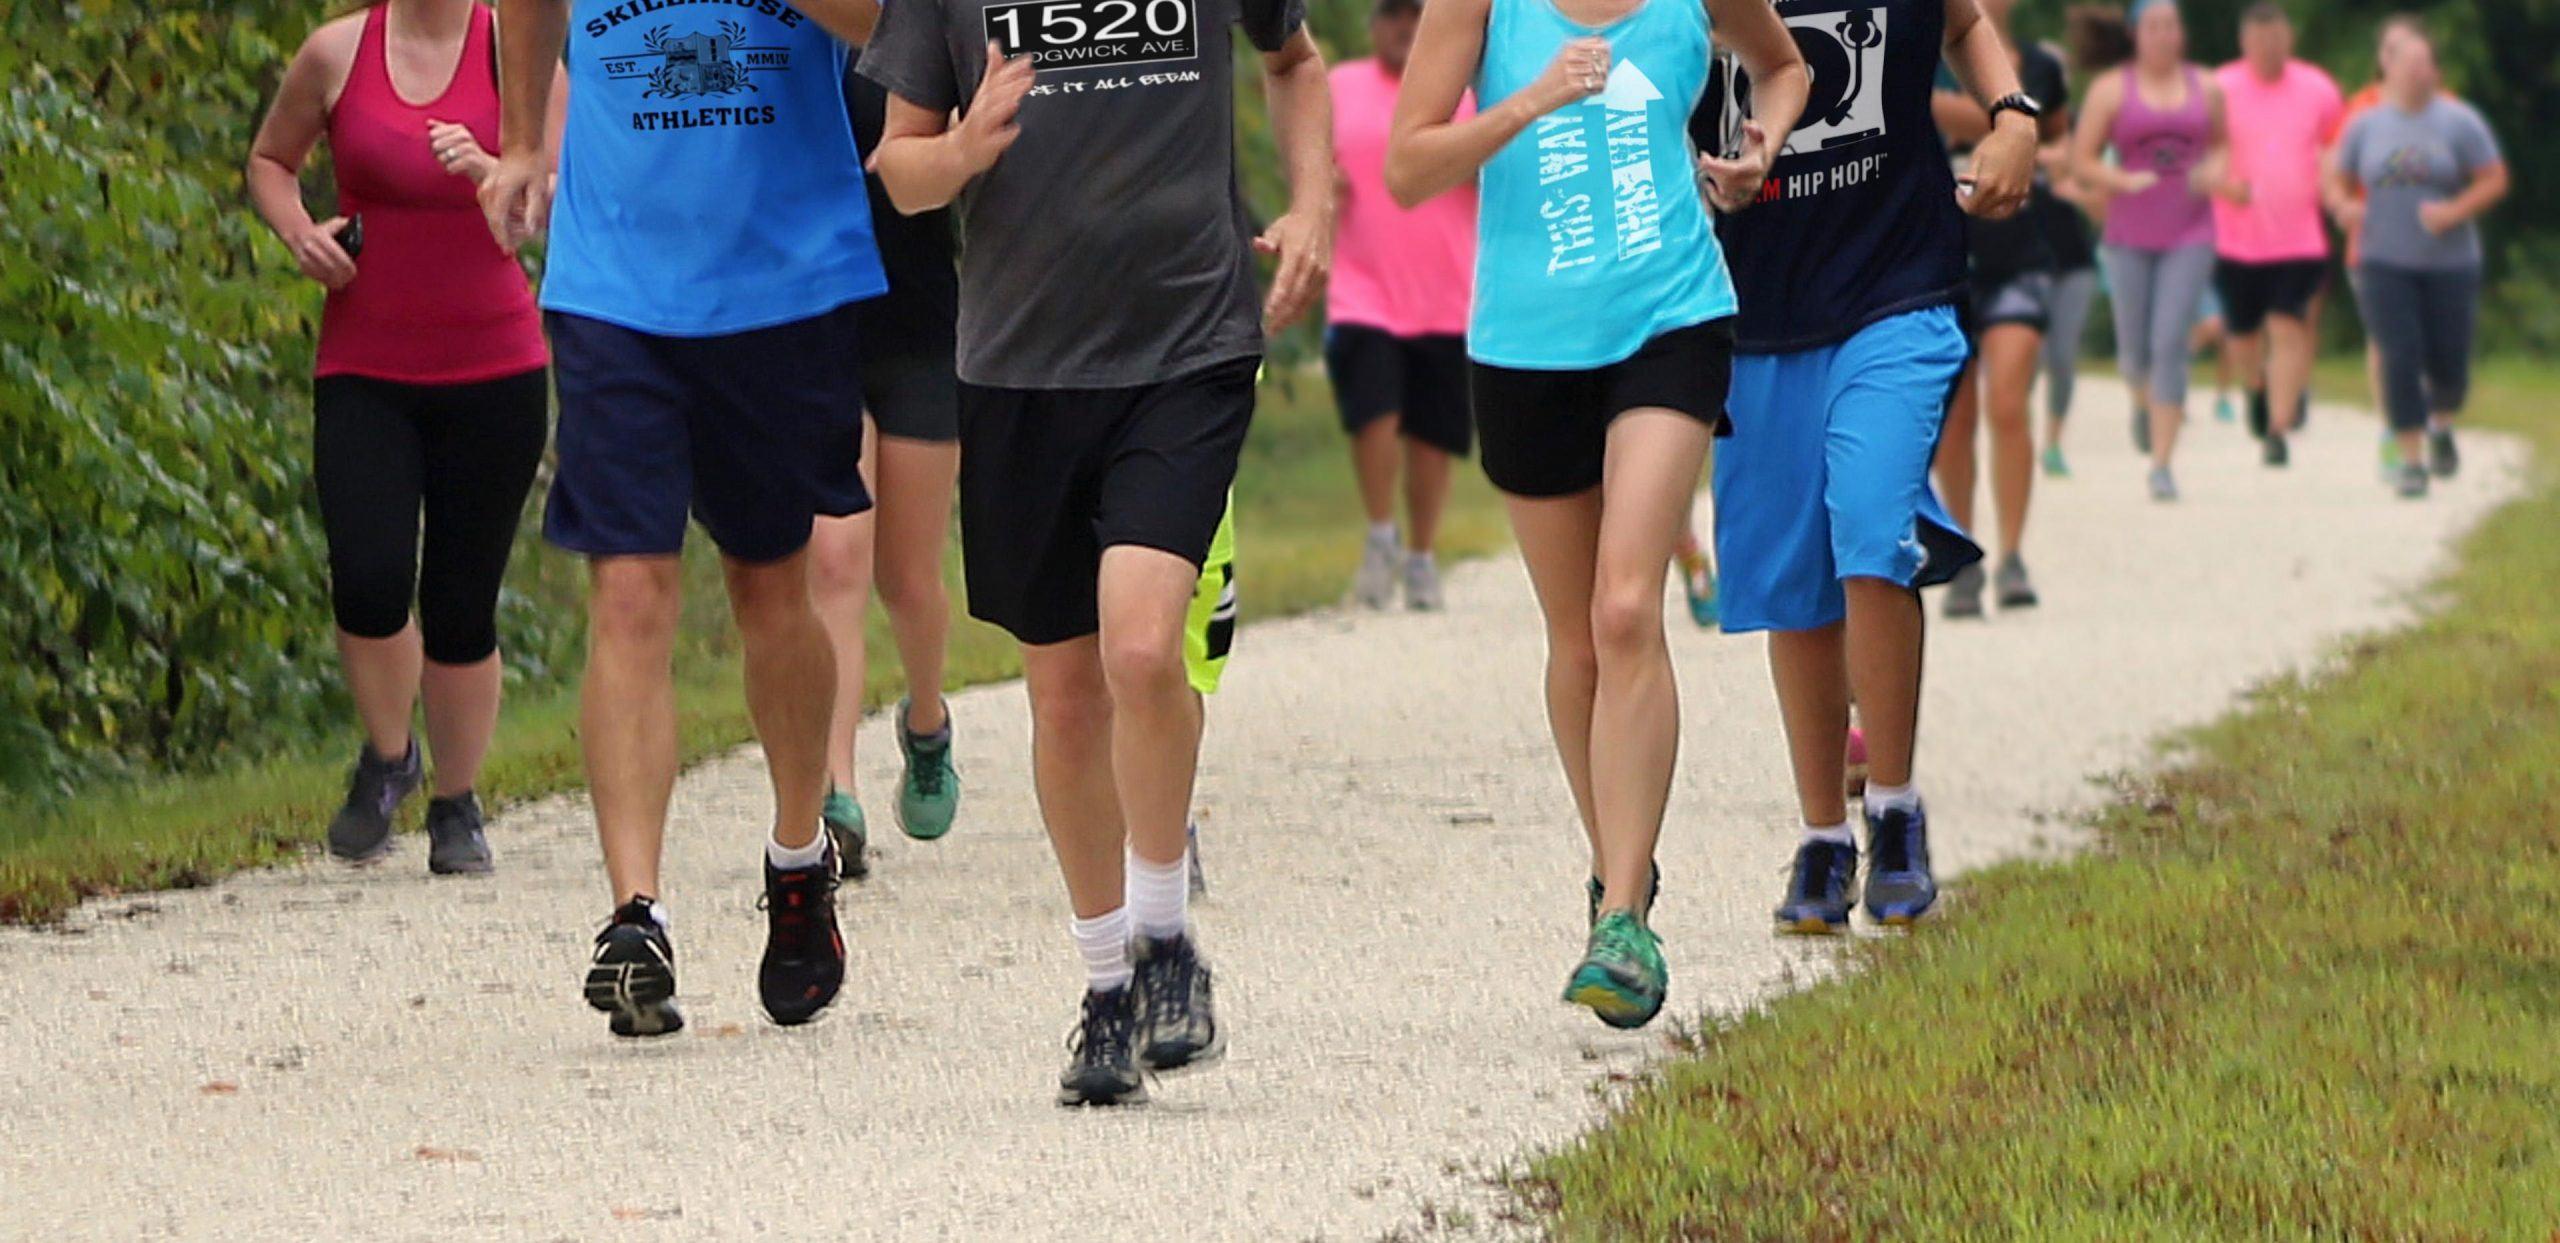 Contagia a tu entorno con la pasión del running